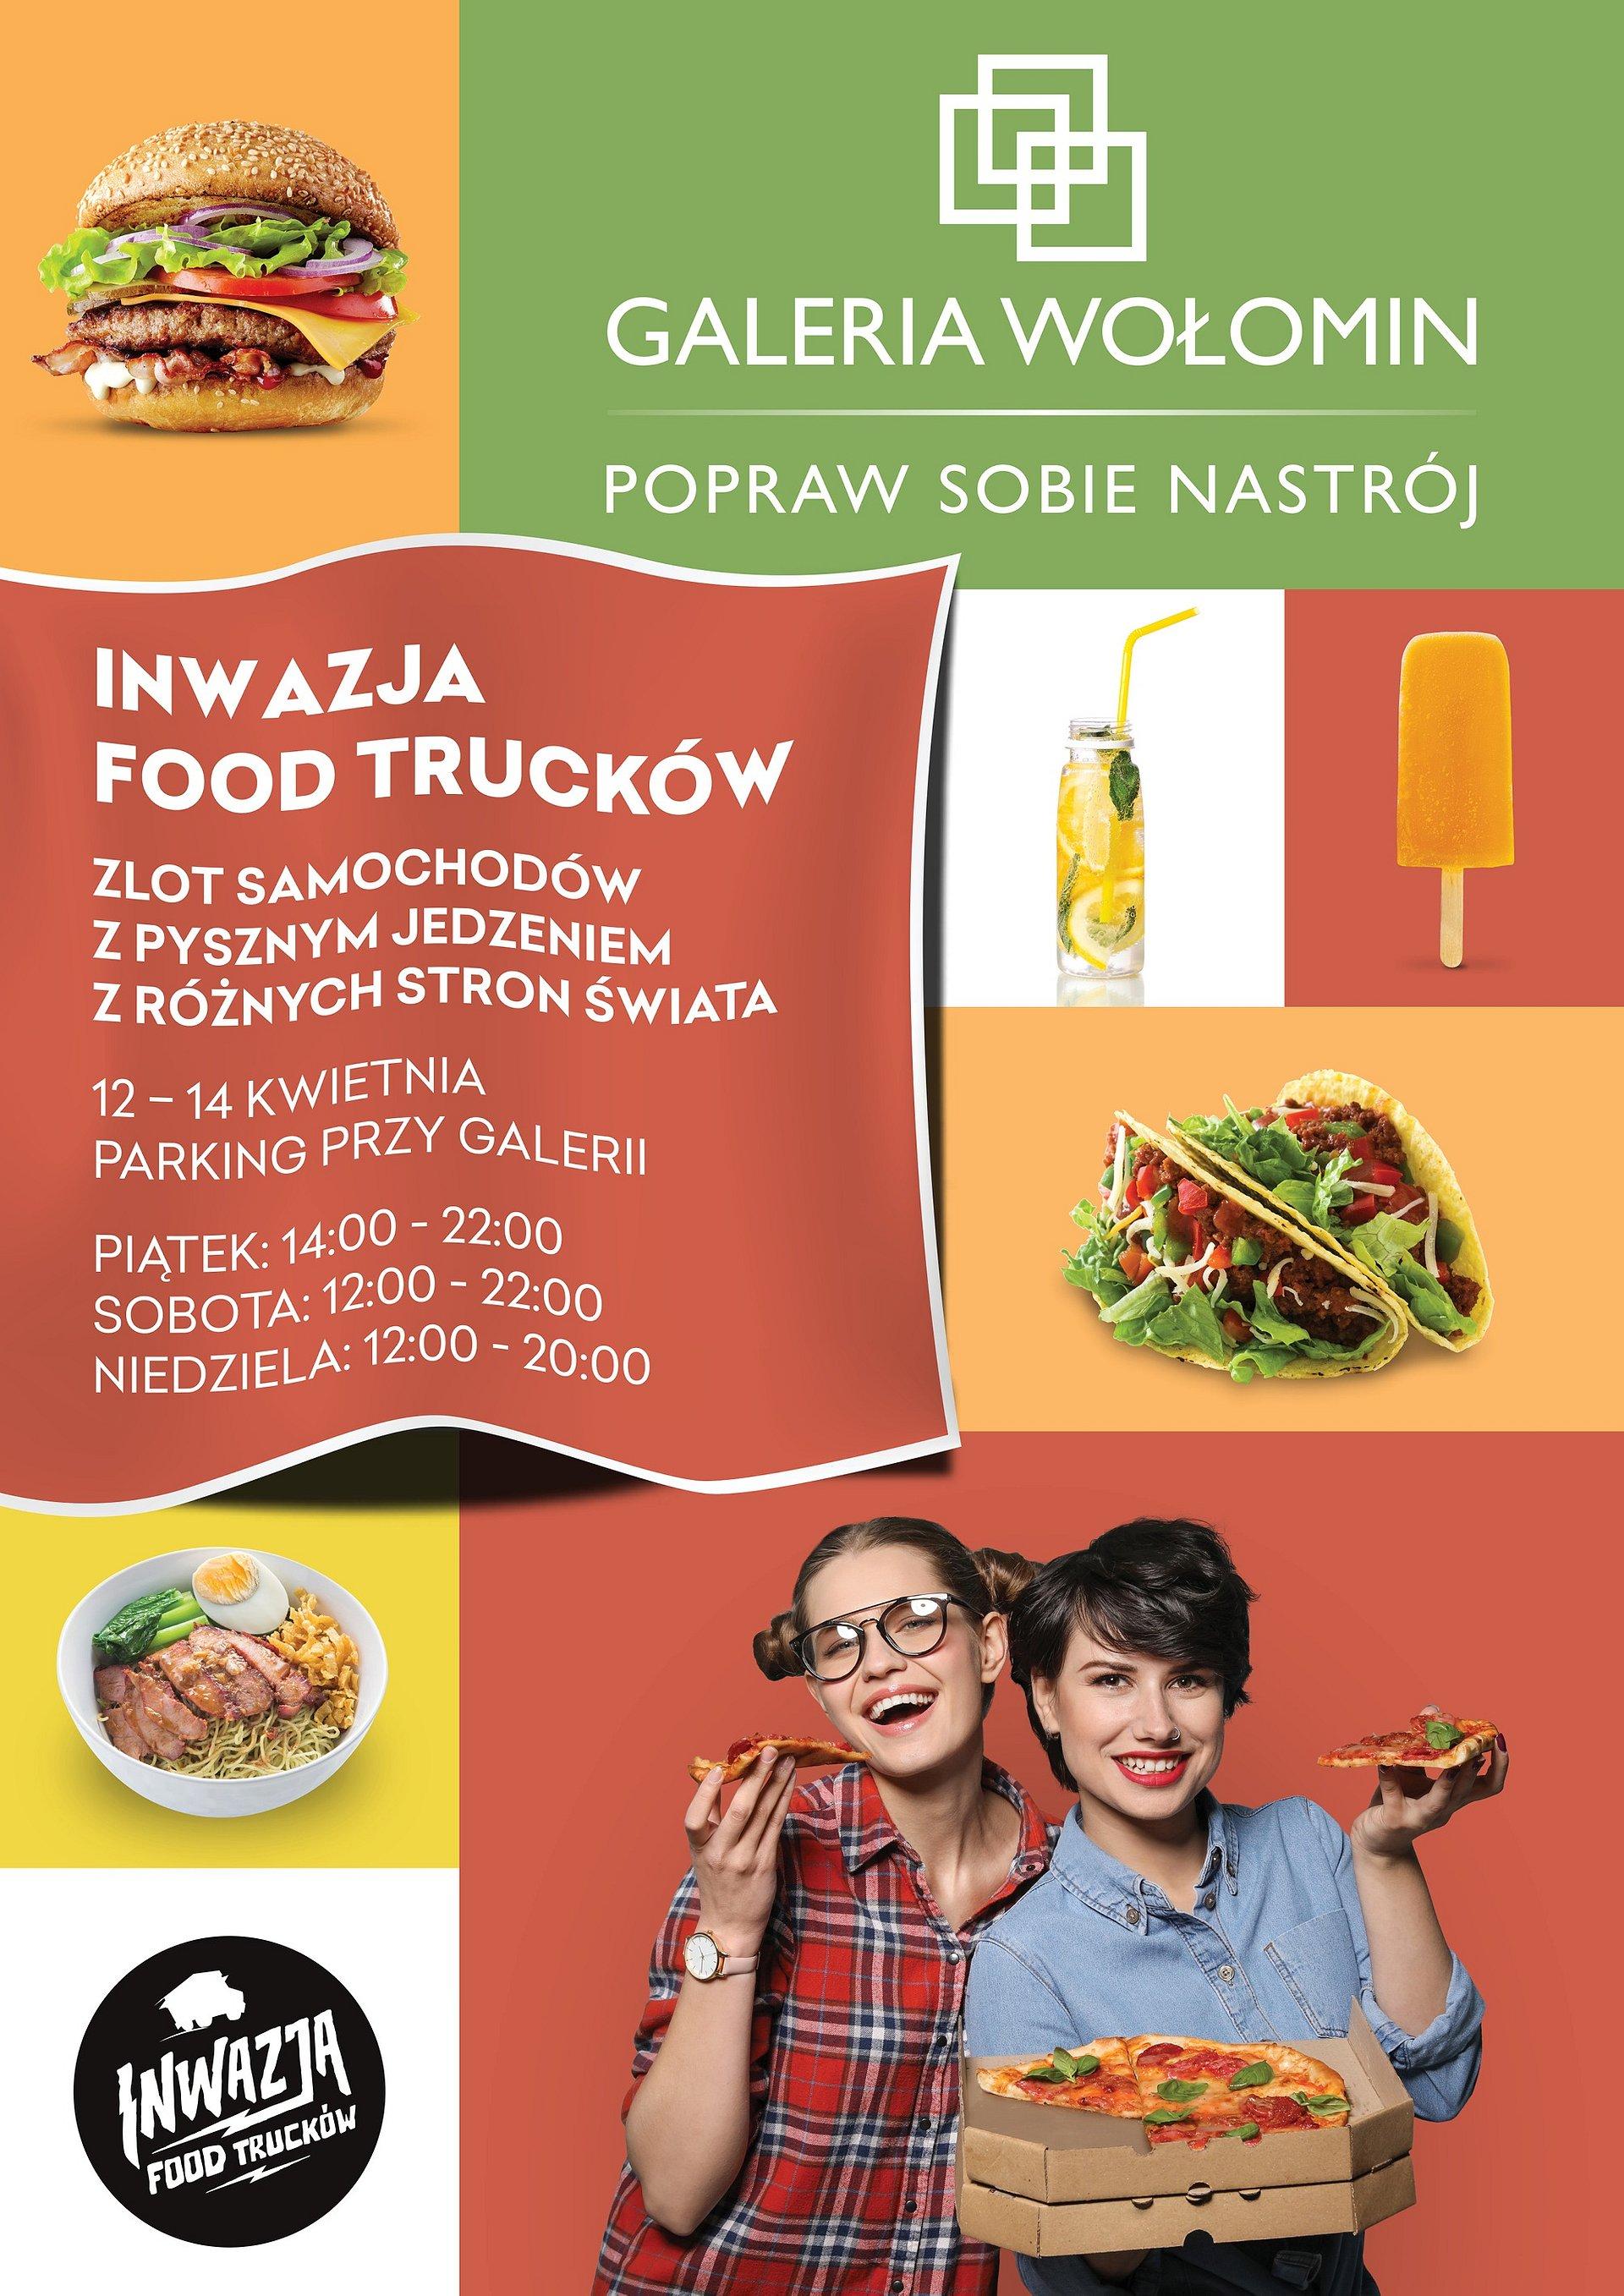 Inwazja Food Trucków w Galerii Wołomin!